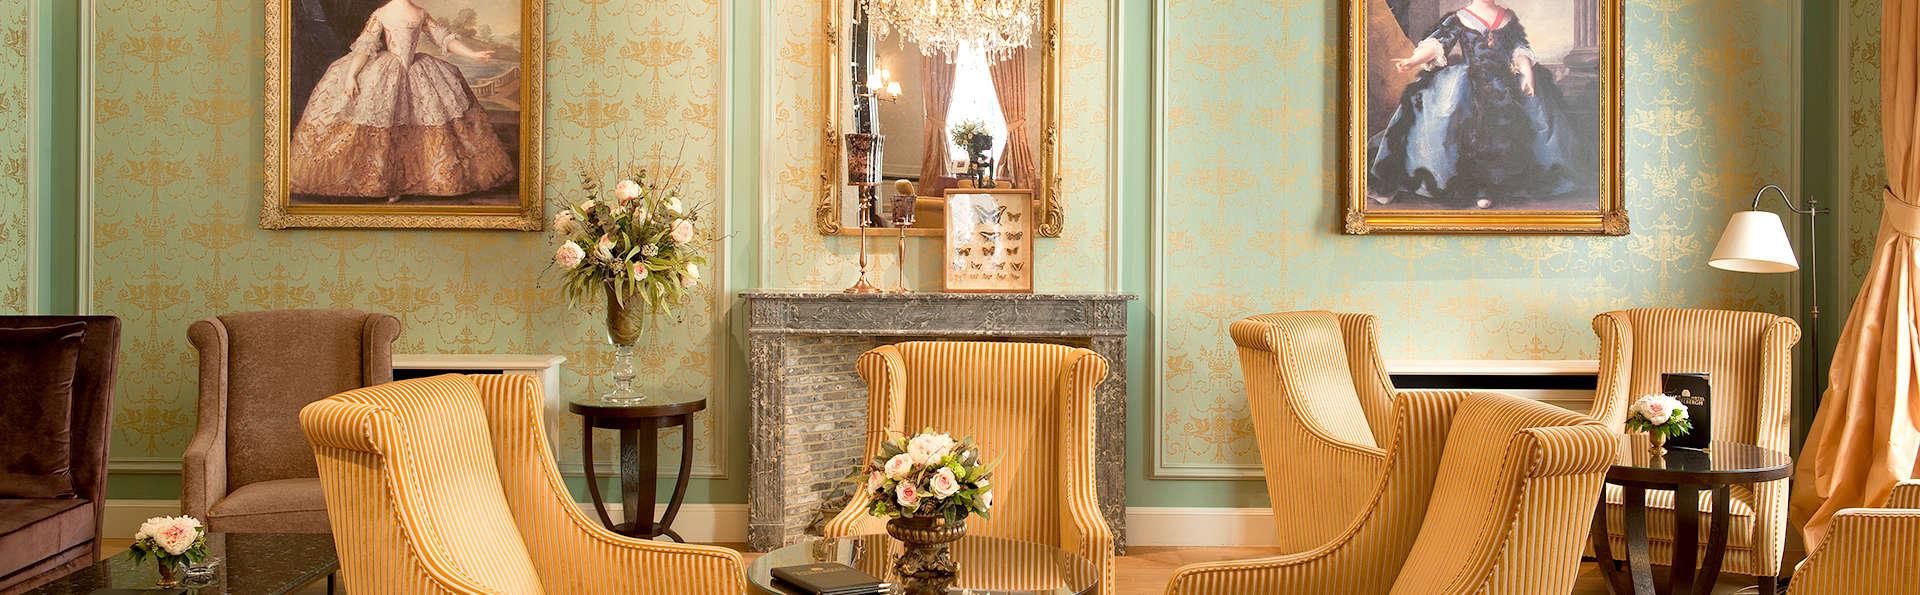 Profiter du luxe d'un hôtel moderne combiné à l'histoire et au charme du centre-ville de Bruges